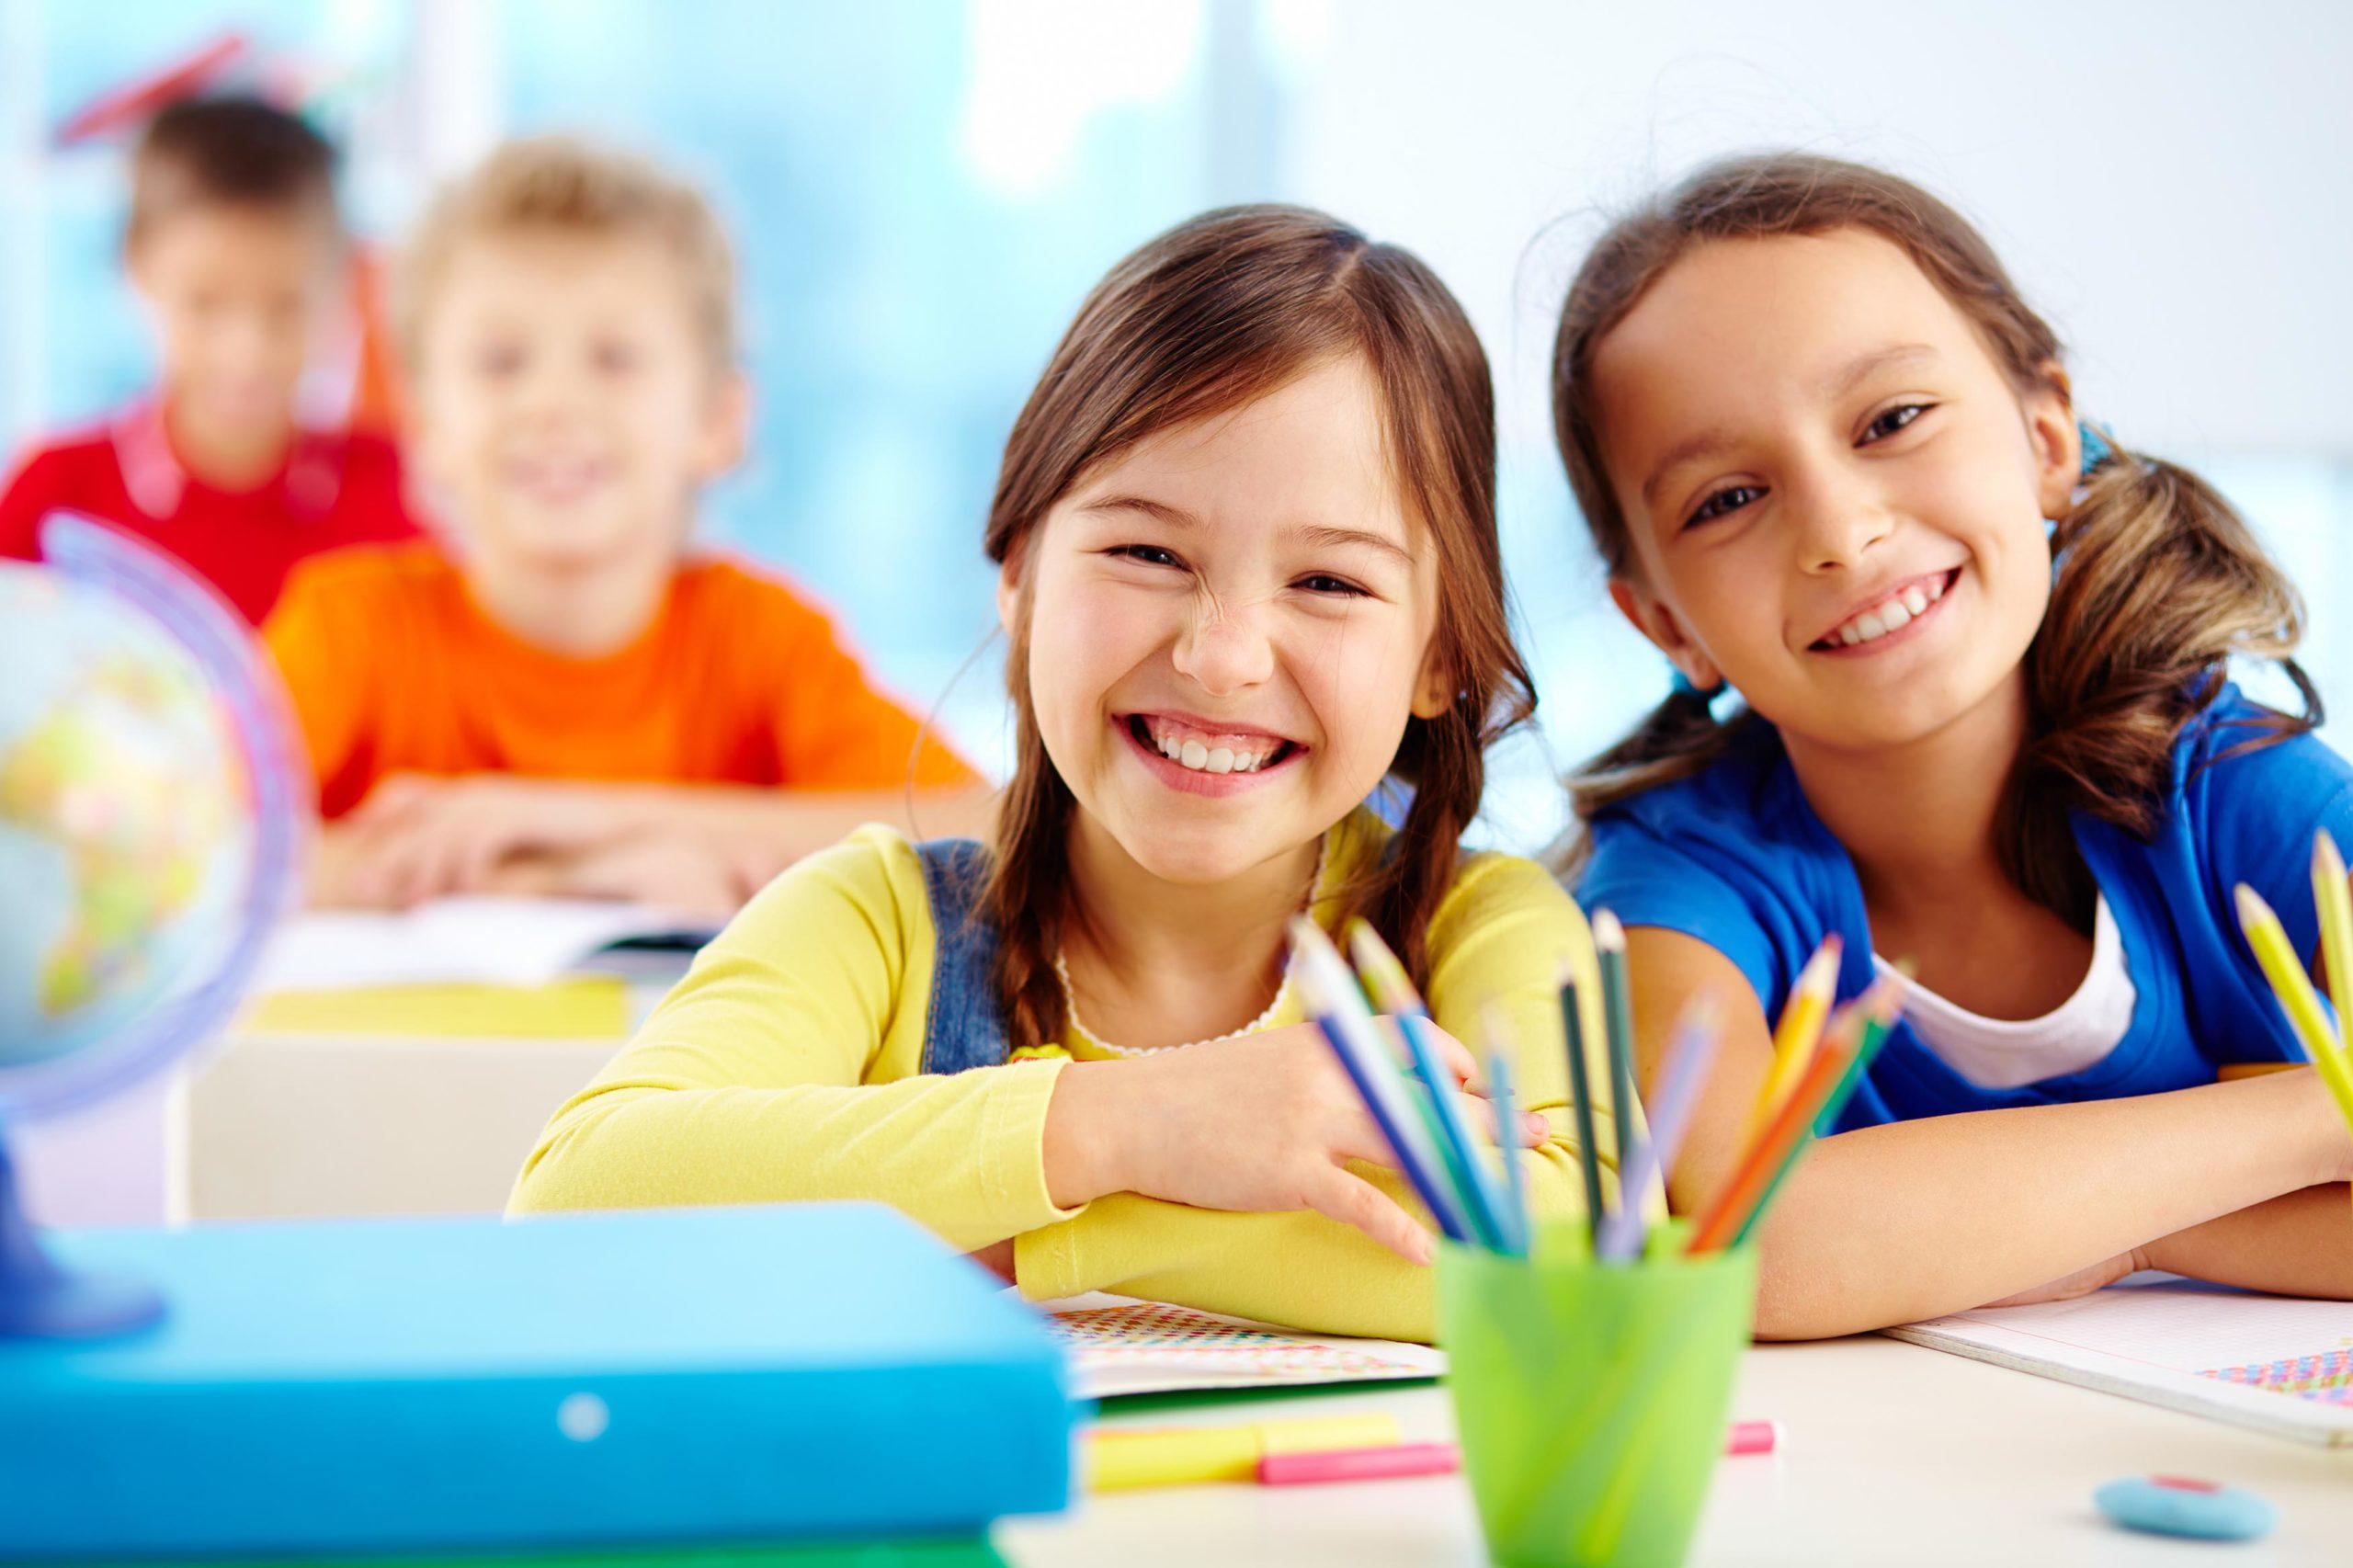 اللغة الإنجليزية للأطفال – لماذا يجب عليك الاهتمام بها؟